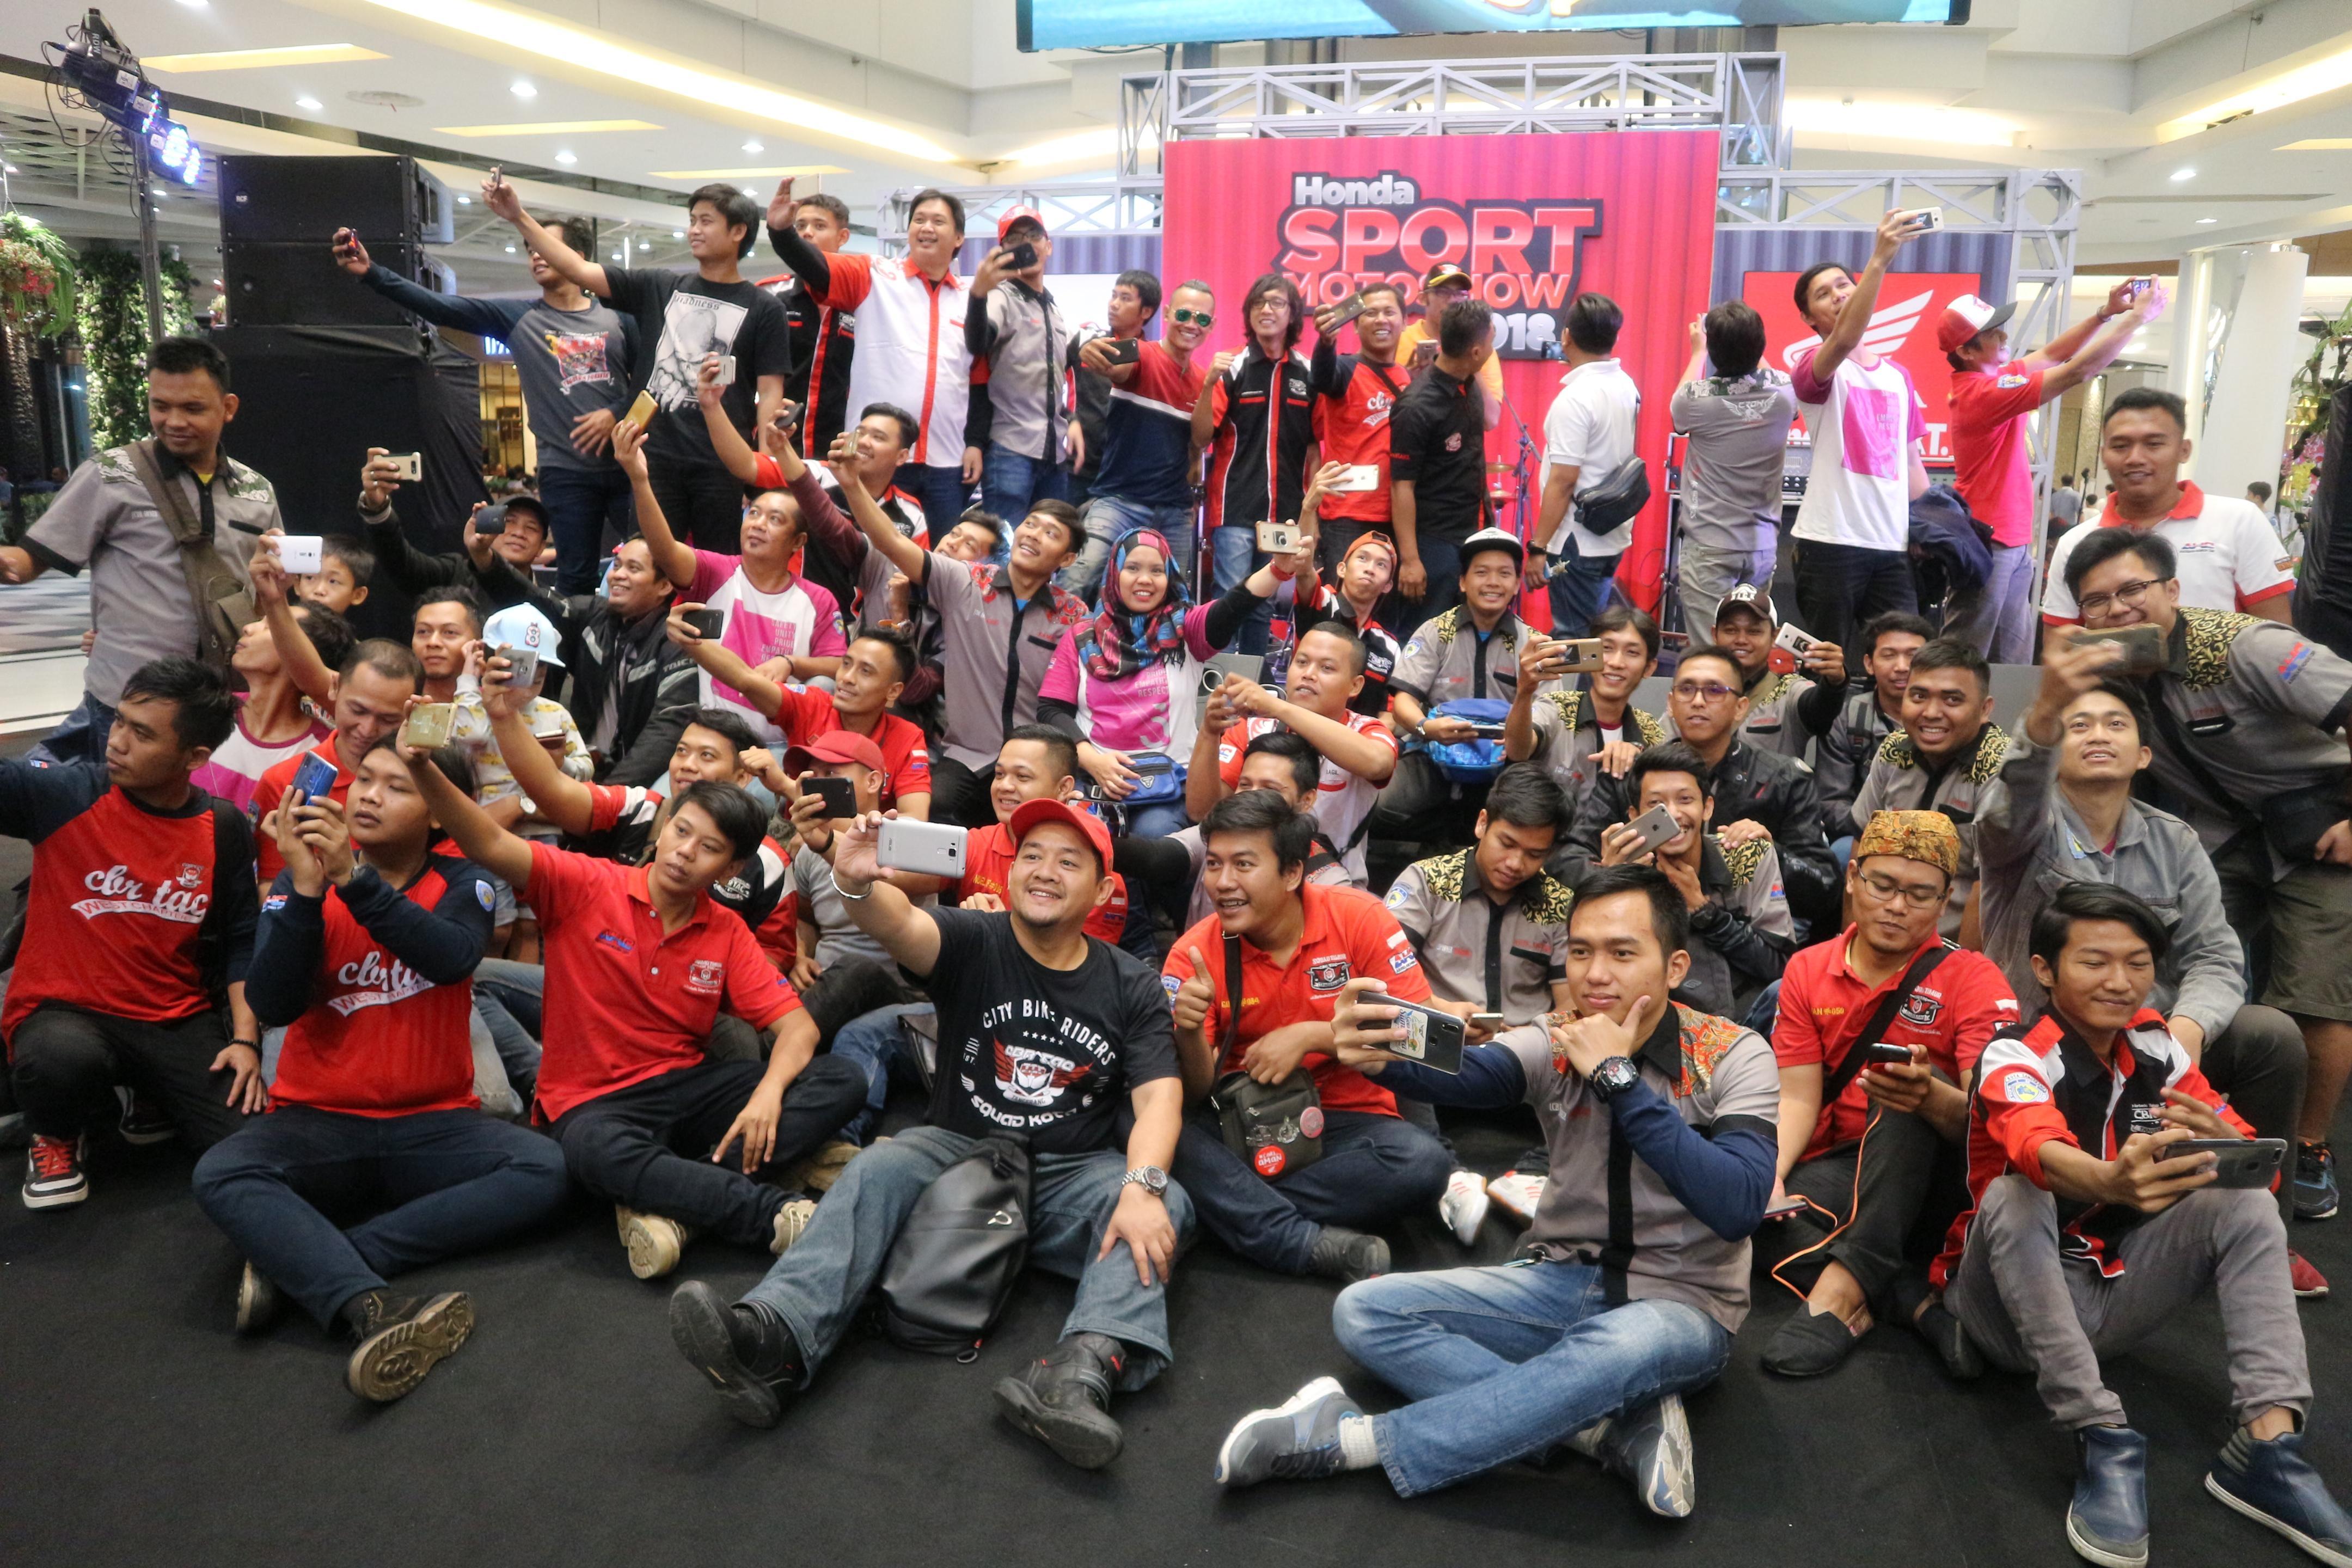 Komunitas CBR Turing Hadiri Honda Sport Motorshow 2018 di Alam Sutera